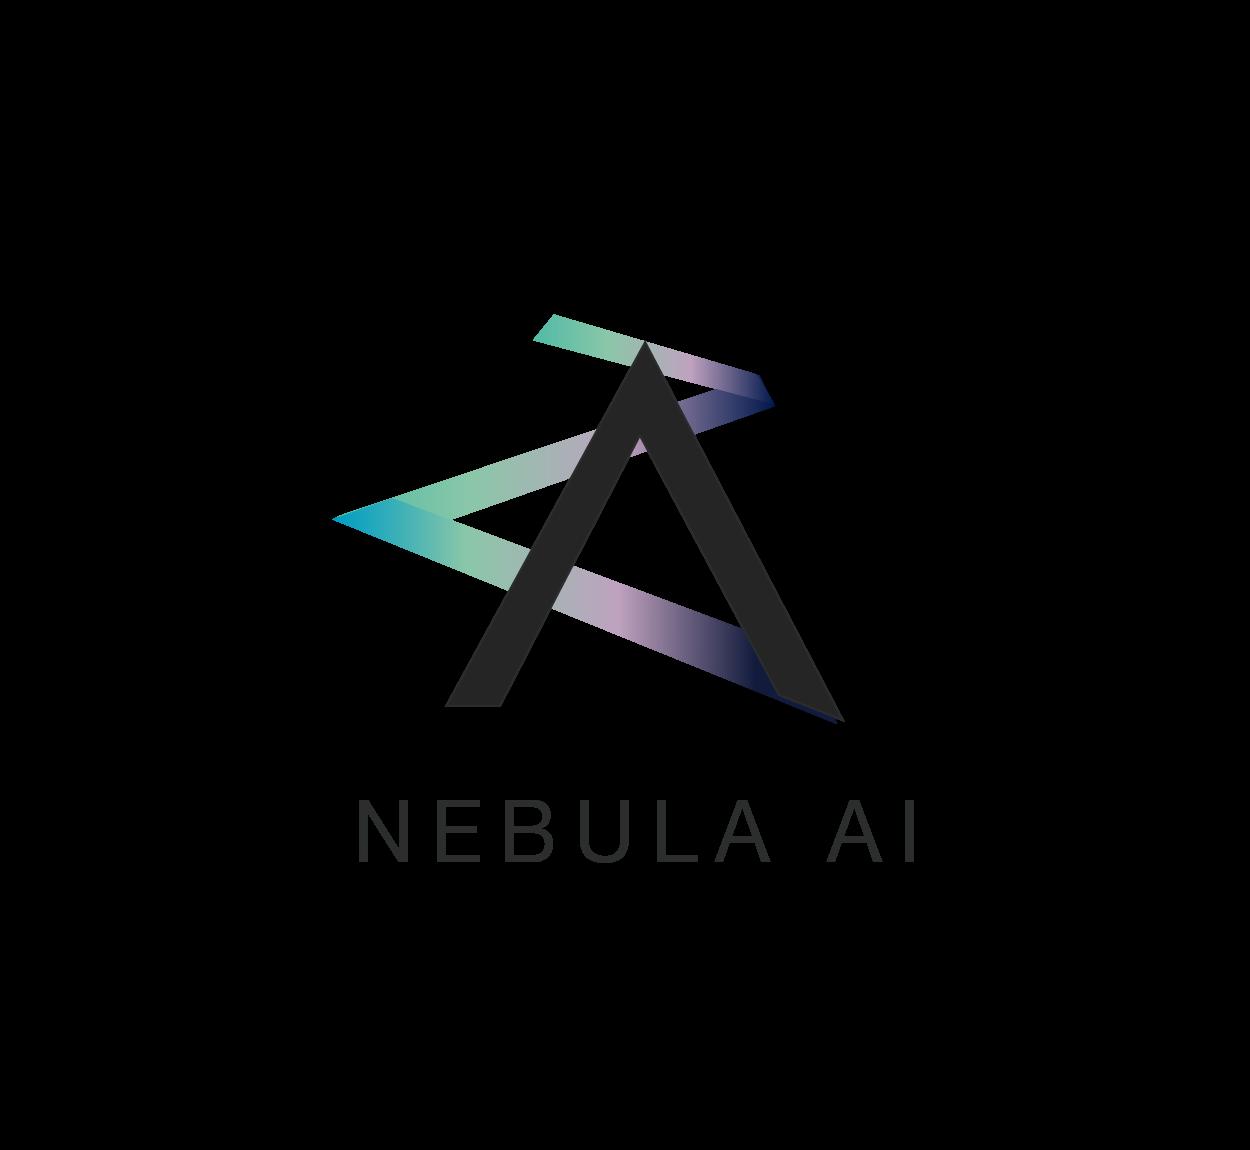 Nebula AI